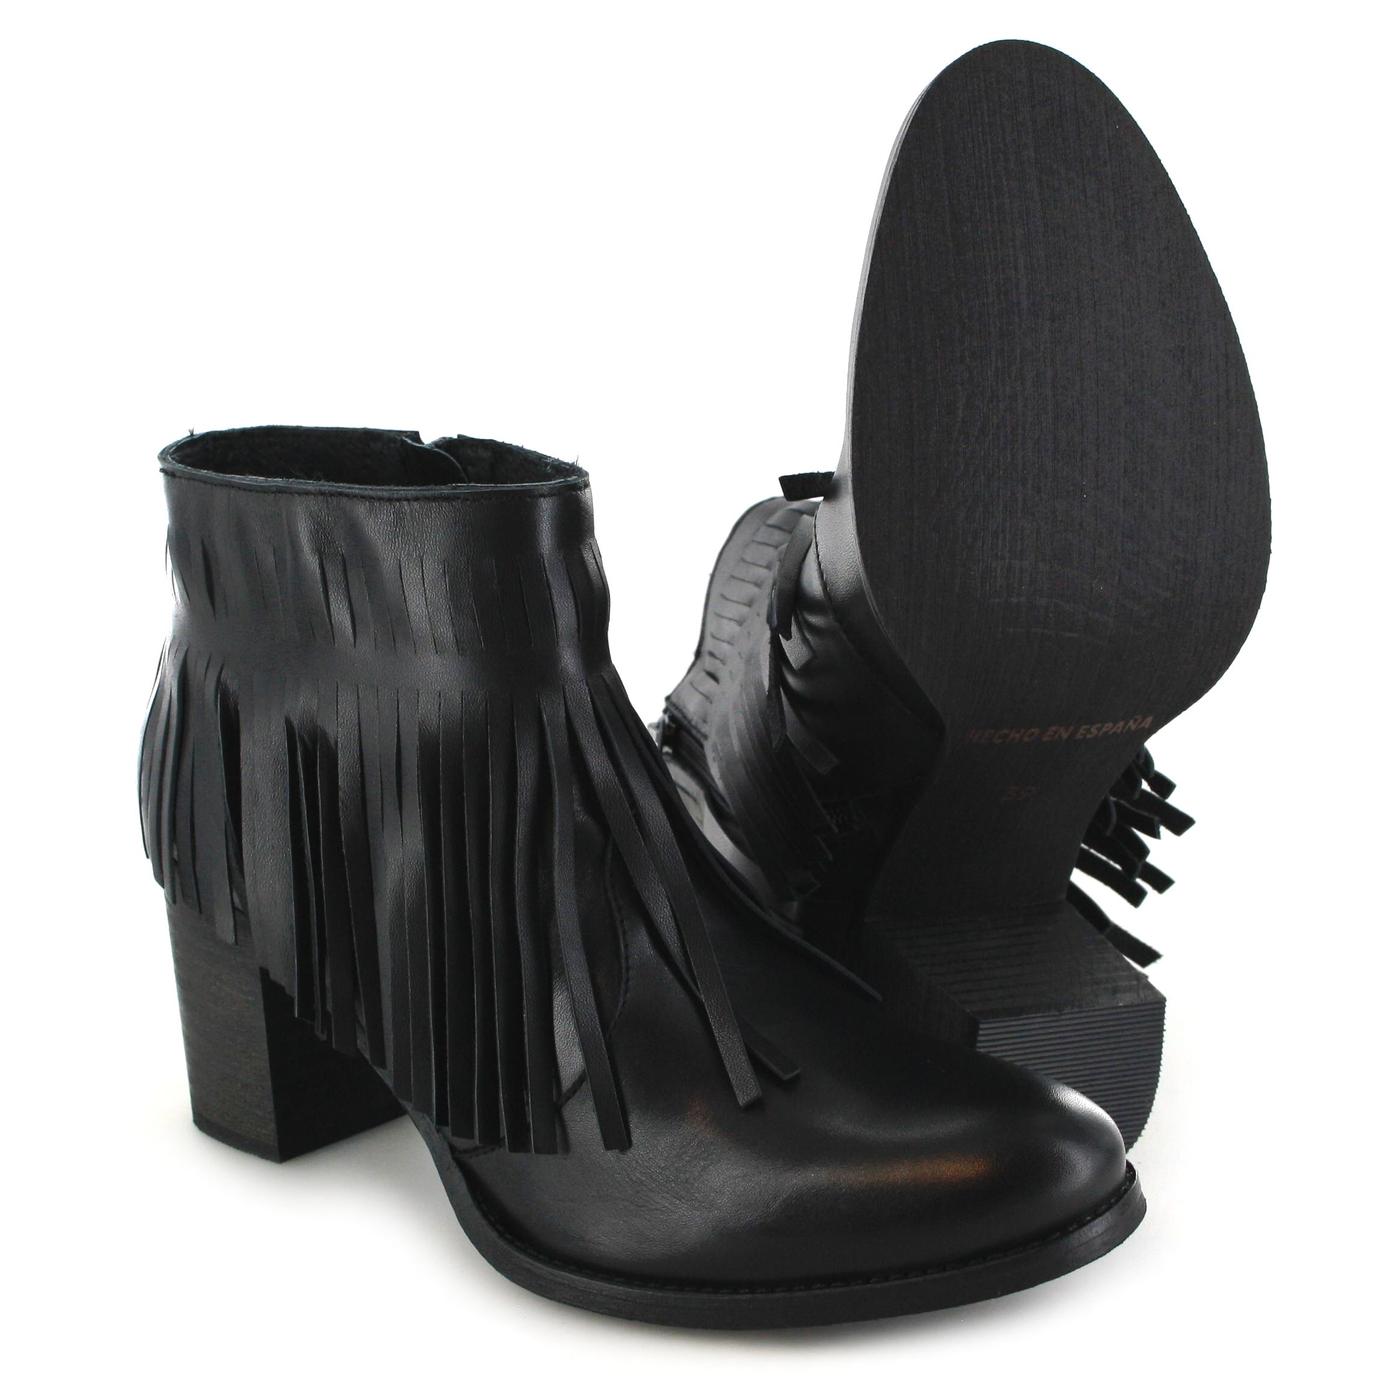 Fw1013 Boots Stiefelette Mit Damen Fashion Fransen Fb Negro Schwarz PZikXu